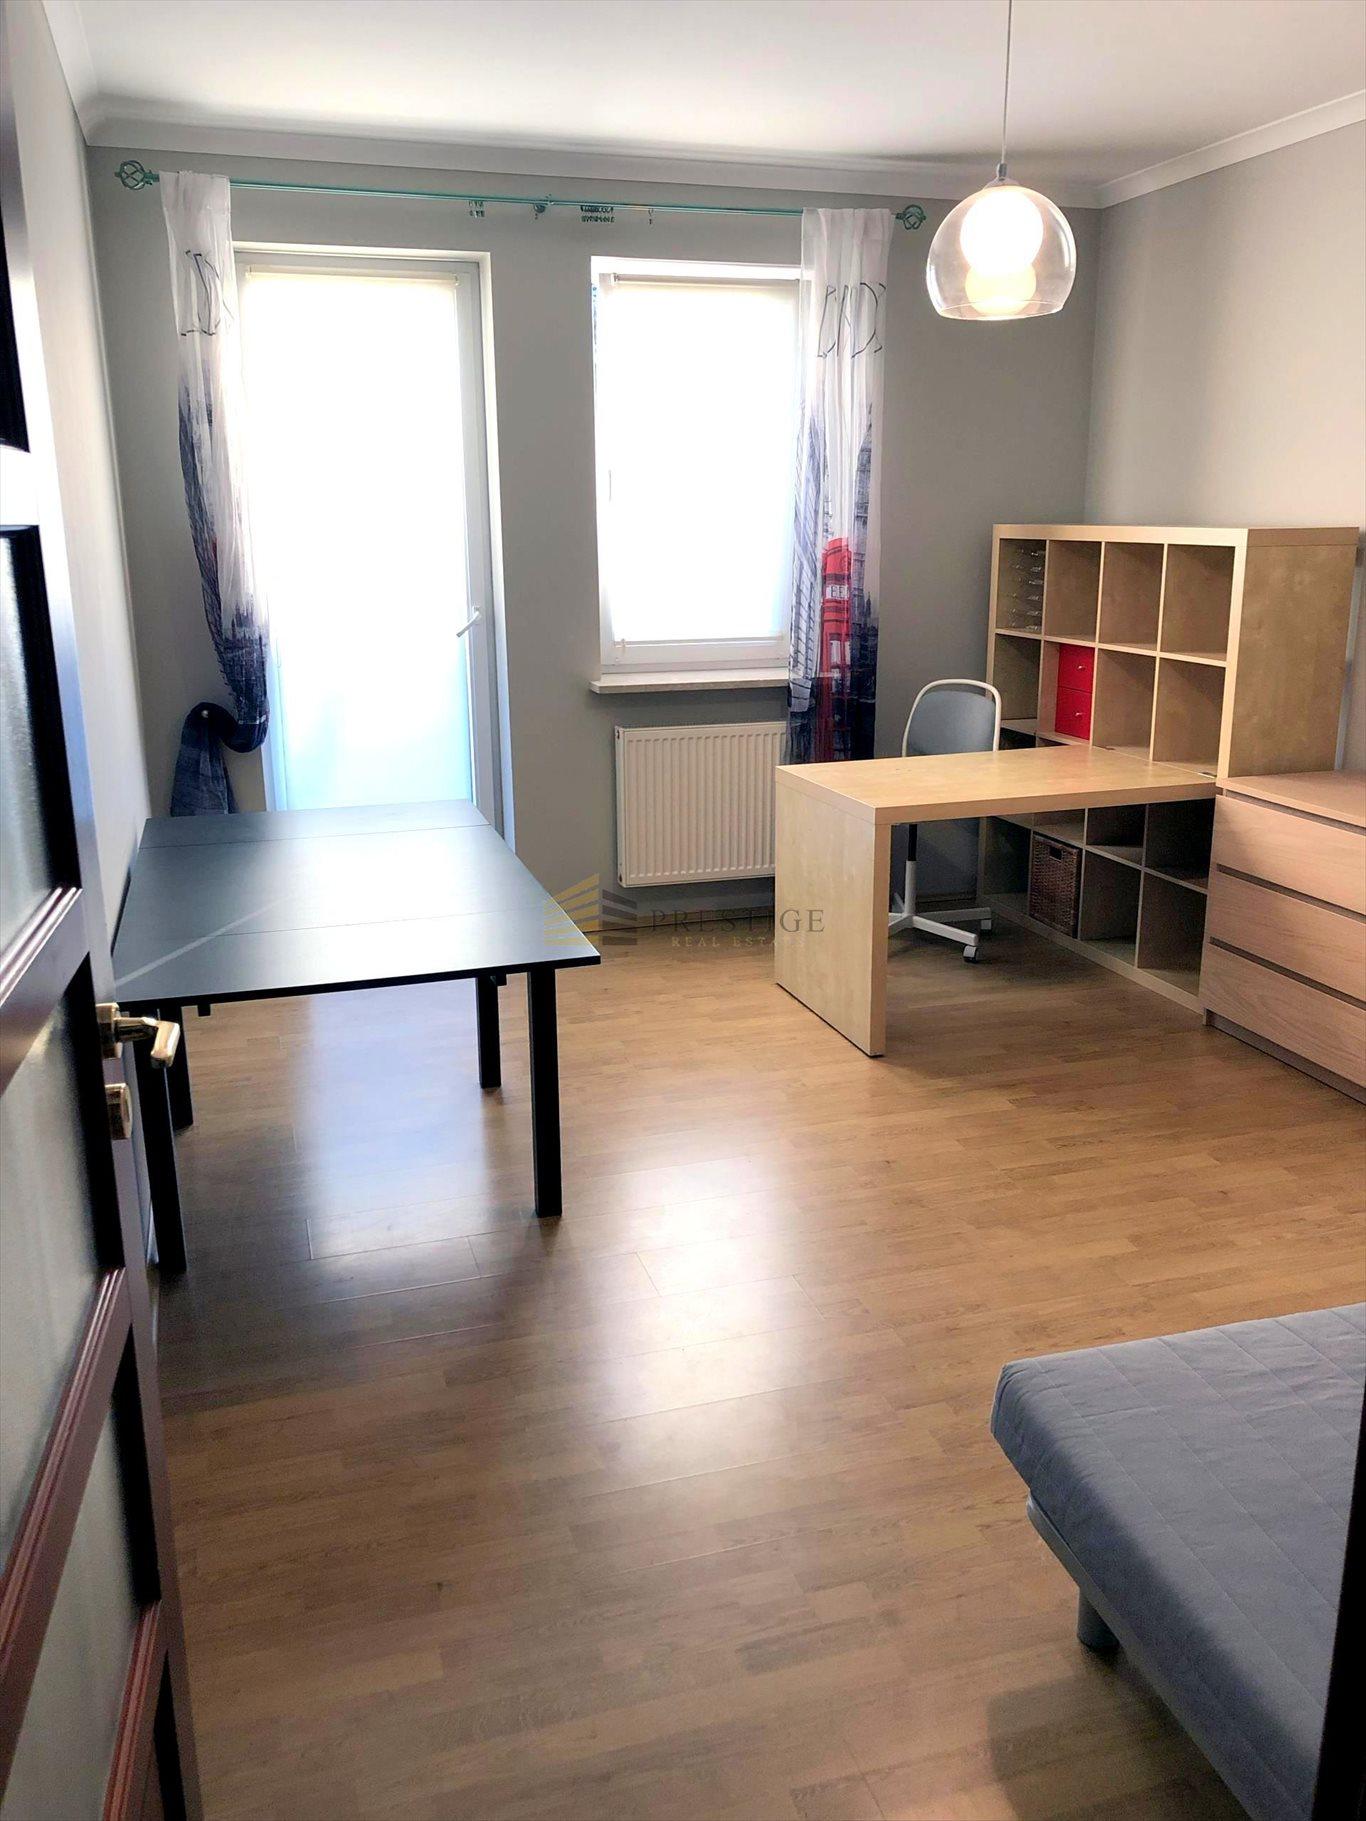 Dom na wynajem Warszawa, Ursynów  350m2 Foto 3